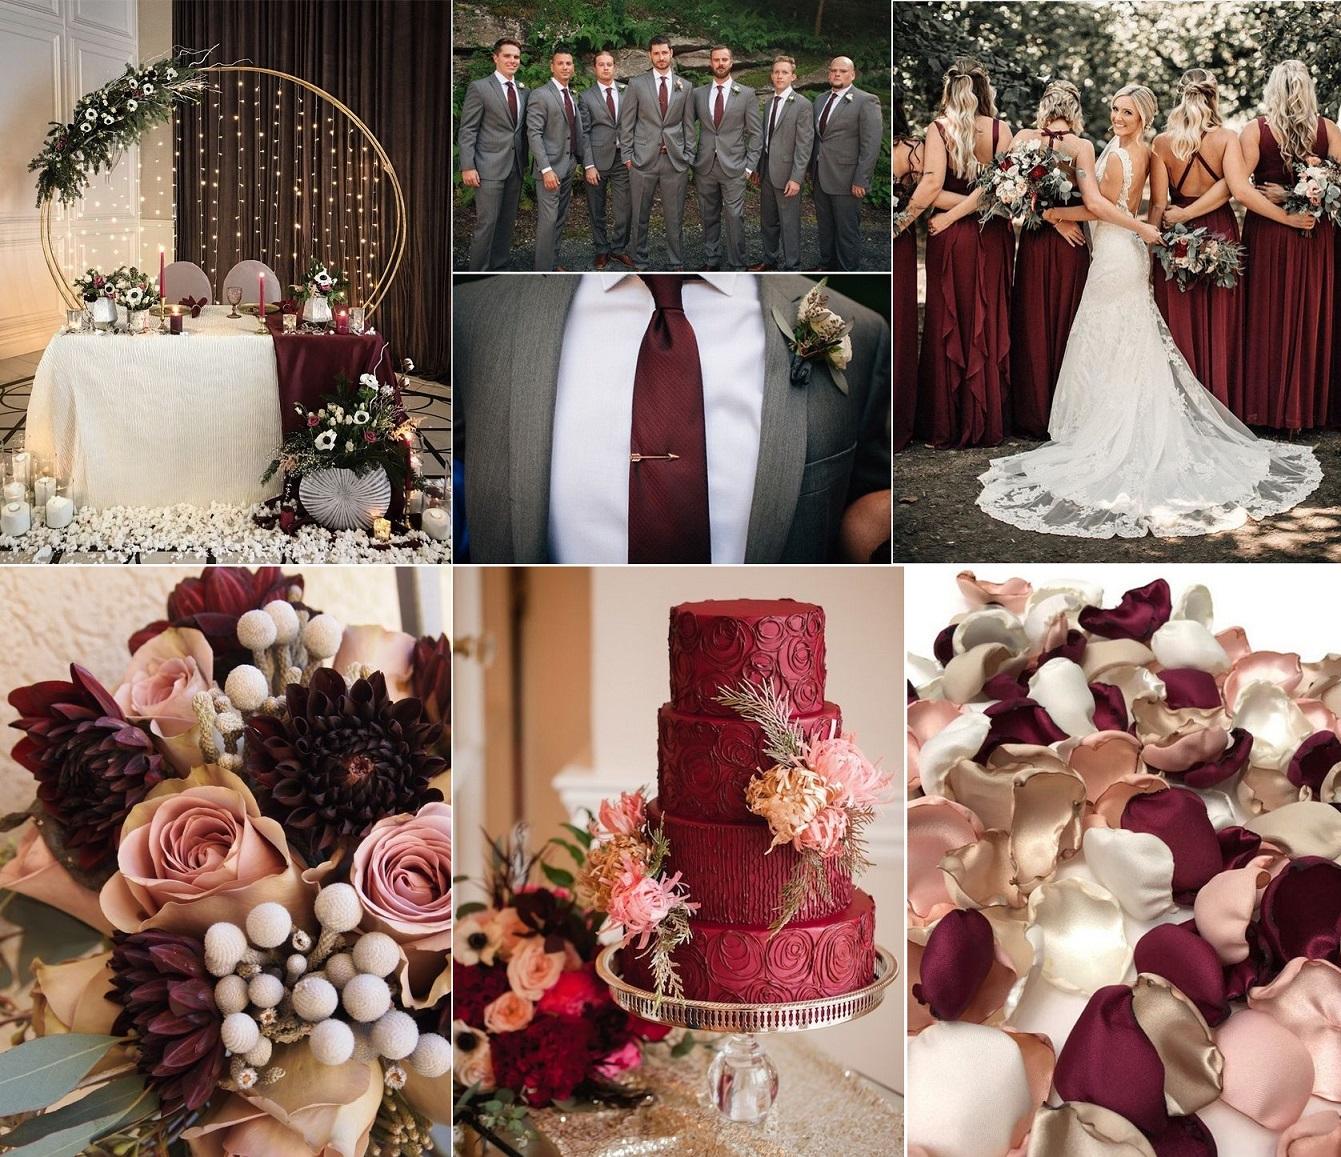 Свадьба в цвете марсала 2021 – роскошь и благородство, фото